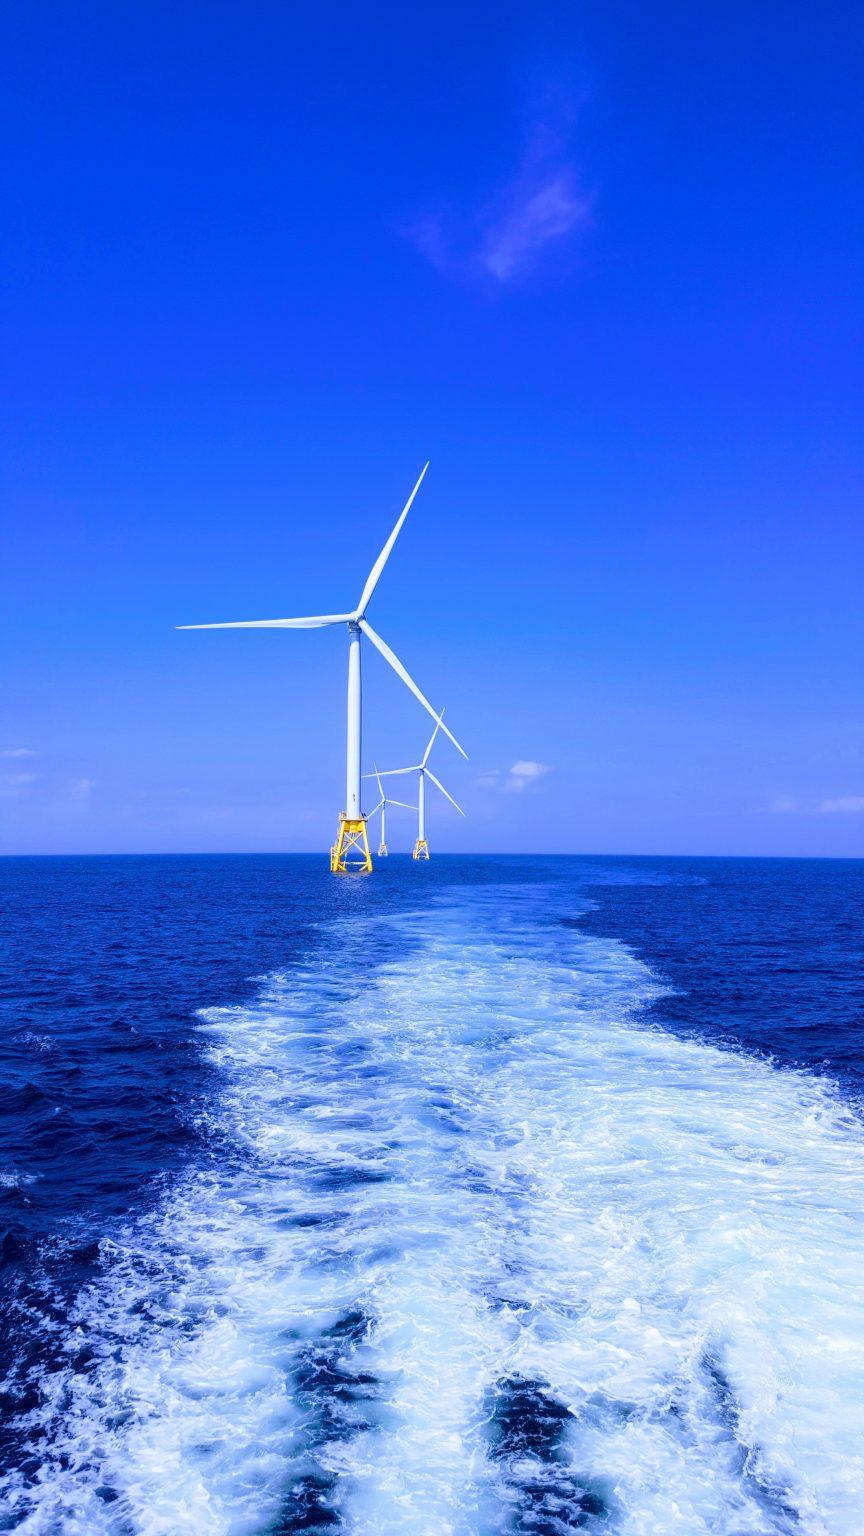 Le 21e siècle sera-t-il l'avènement des énergies marines ?